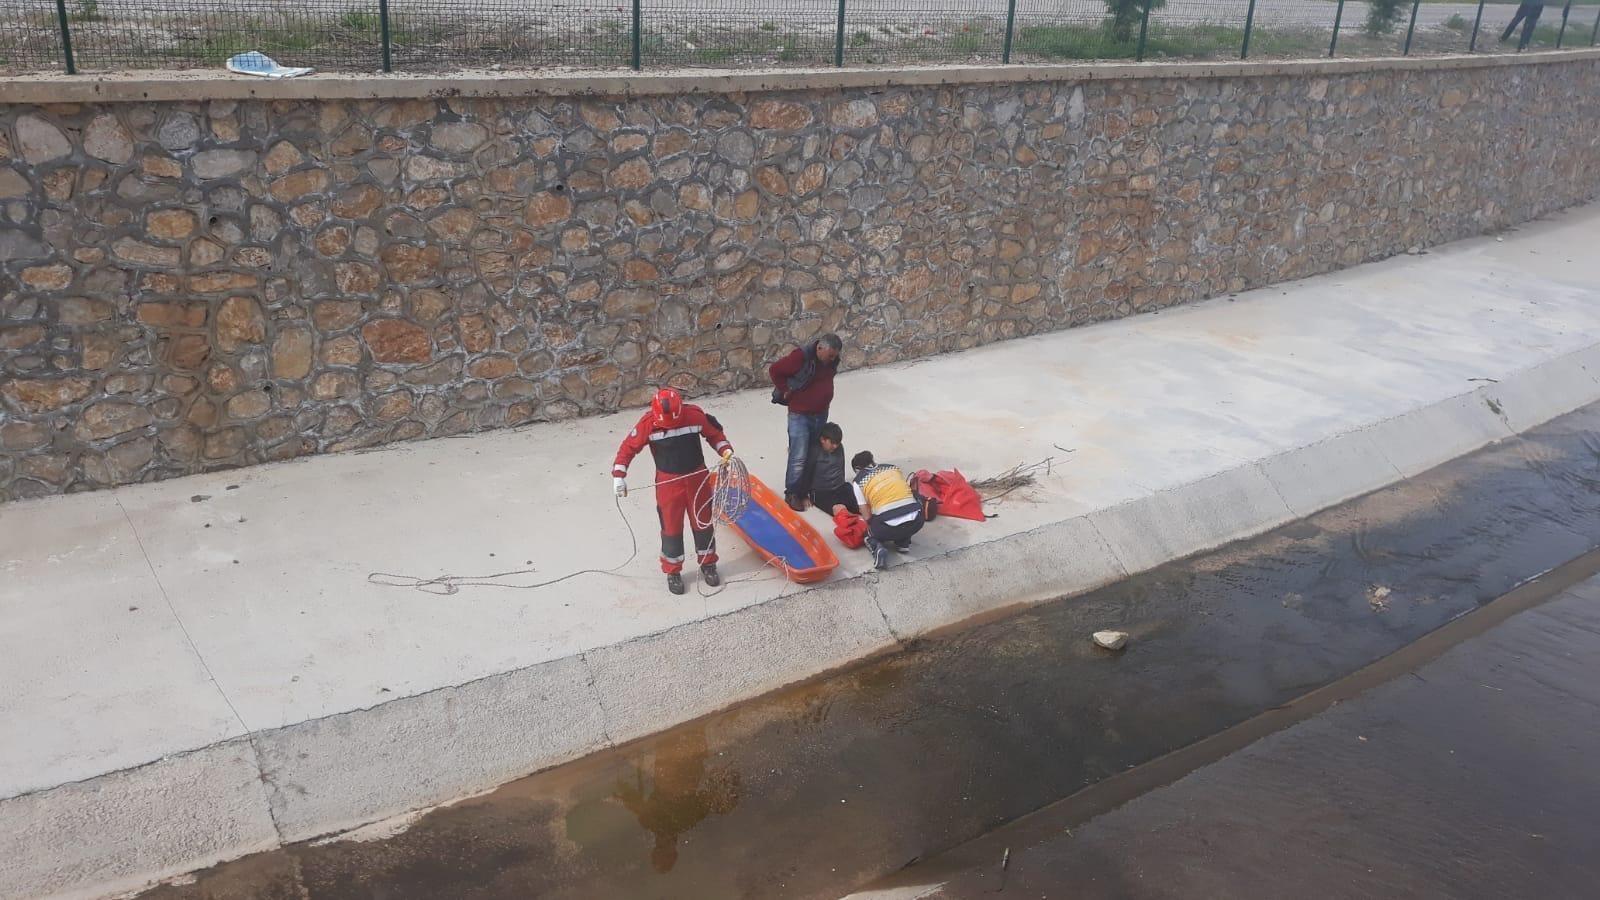 Dengesini kaybeden çocuk dereye düştü! Yardımına itfaiye ekipleri yetişti